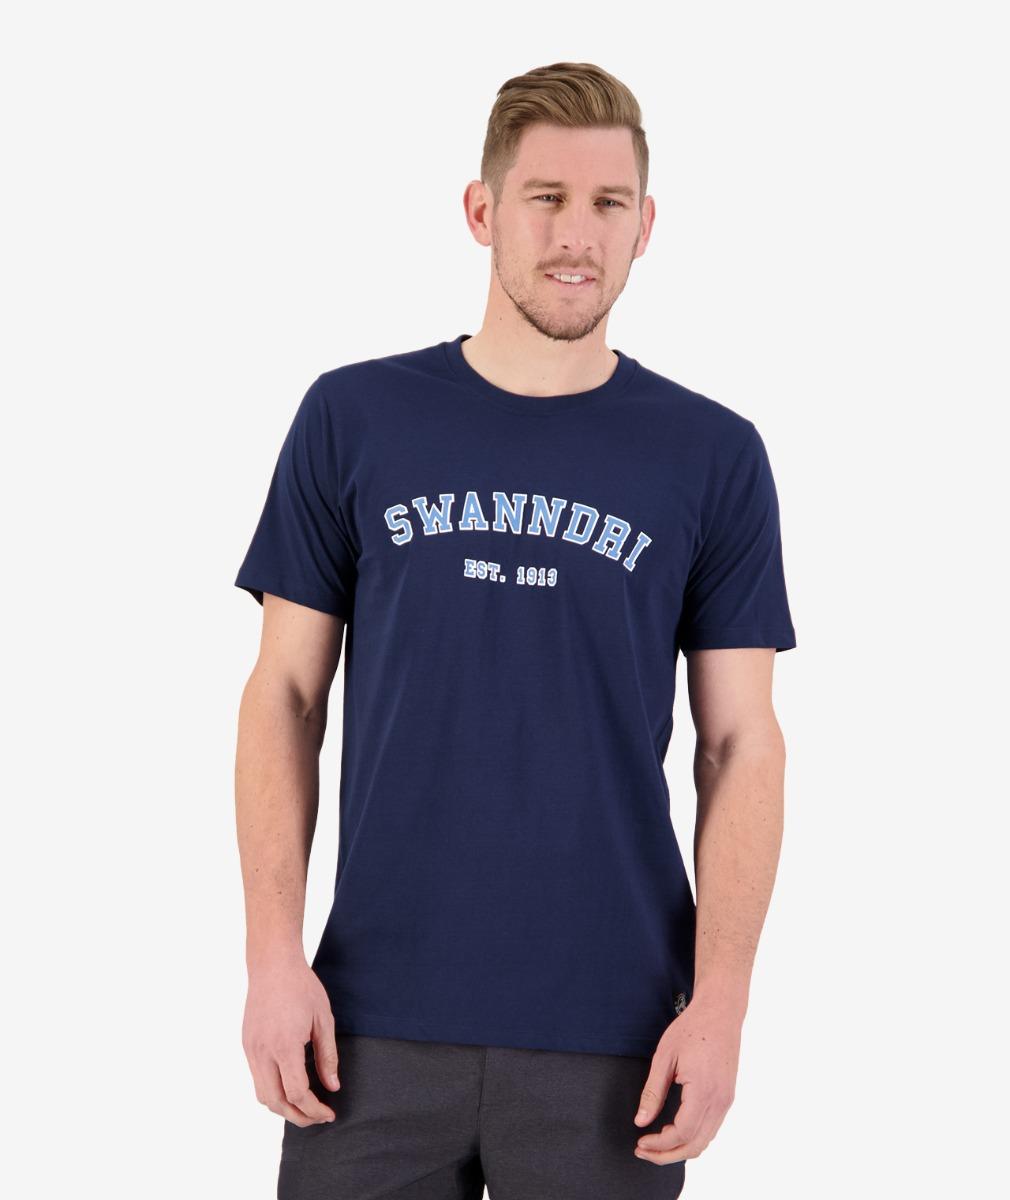 Swanndri Men's Collegiate Printed Tee